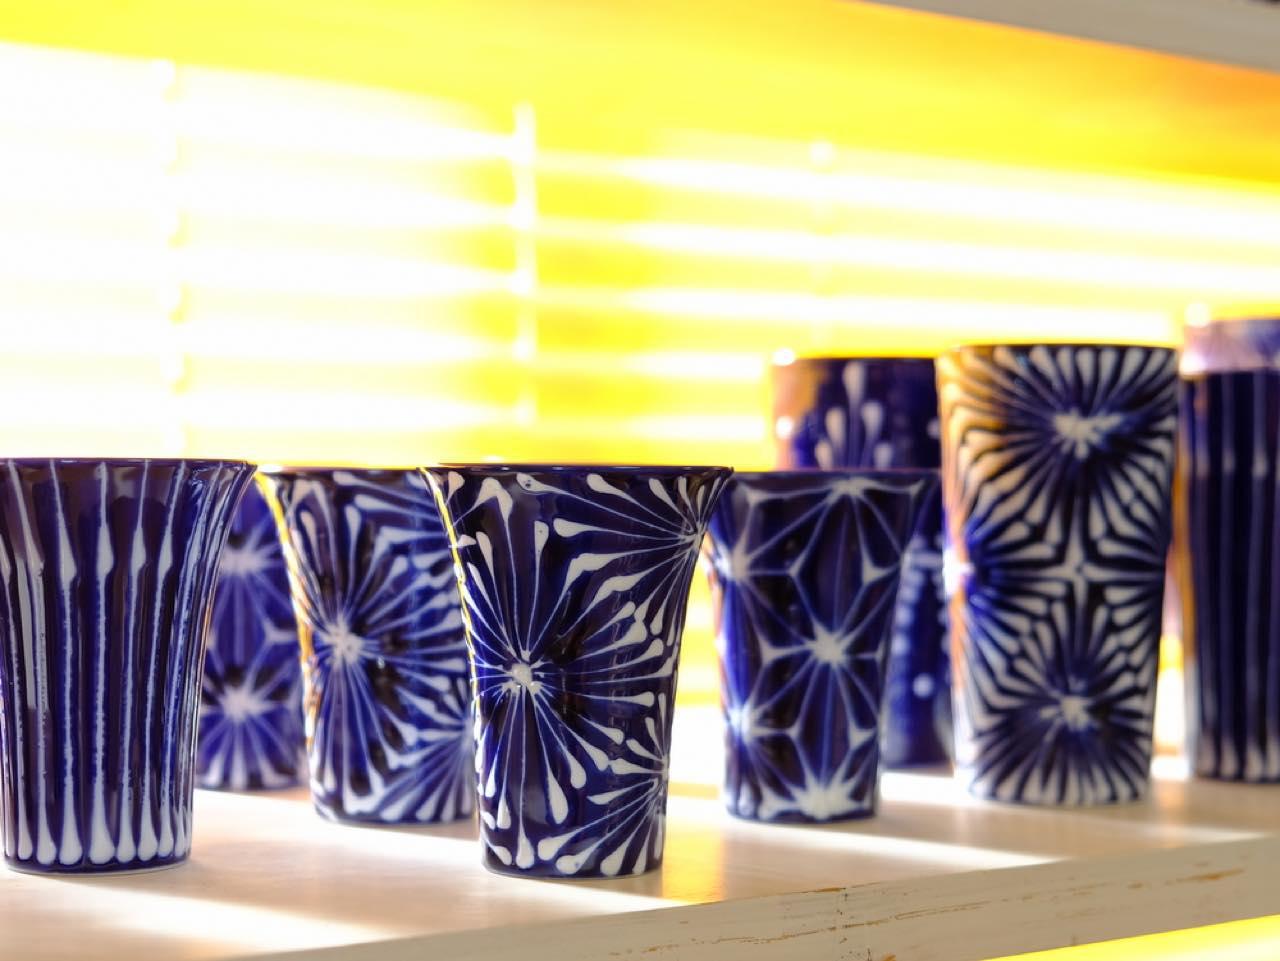 画像: 波佐見の窯元さんたちは様々な技を共有し合ってきたのだそう。「波佐見」のブランドをみんなで一緒に作り、そしてここまで大きくしたのも、こうして共に高め合えたからこそなのかもしれません。